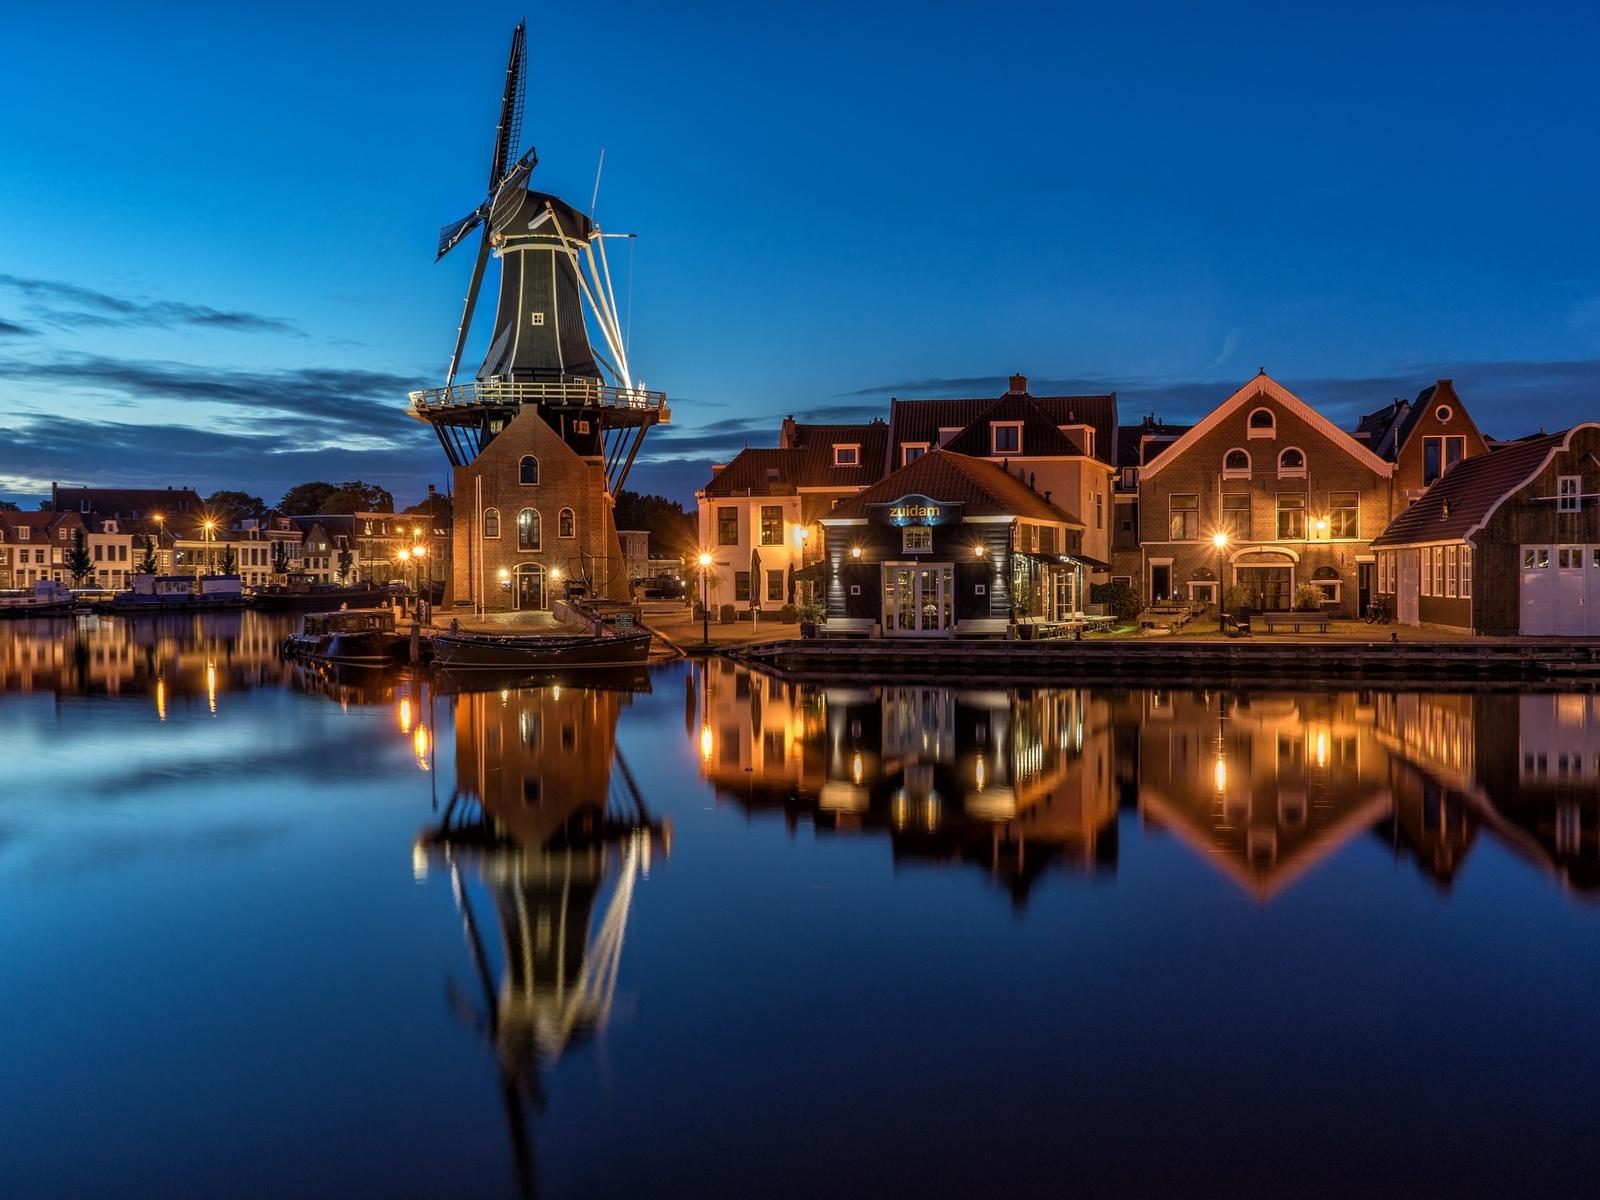 нидерланды, голландия, харлем, река, здания, дома, музей, мельница, ночь, фонари, освещение